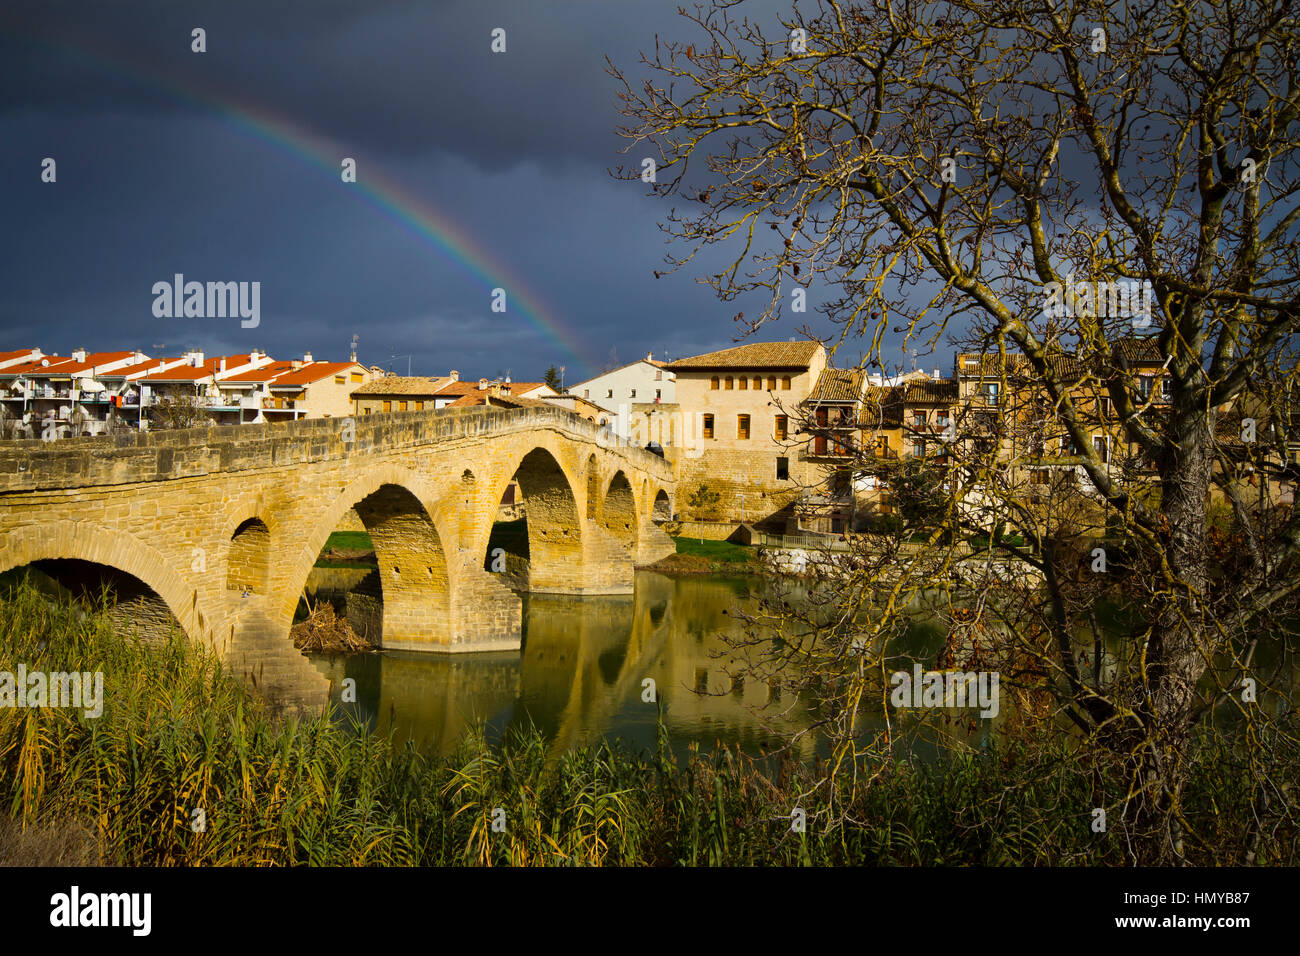 Pilgrims Bridge. Puente la Reina. Navarre, Spain. - Stock Image